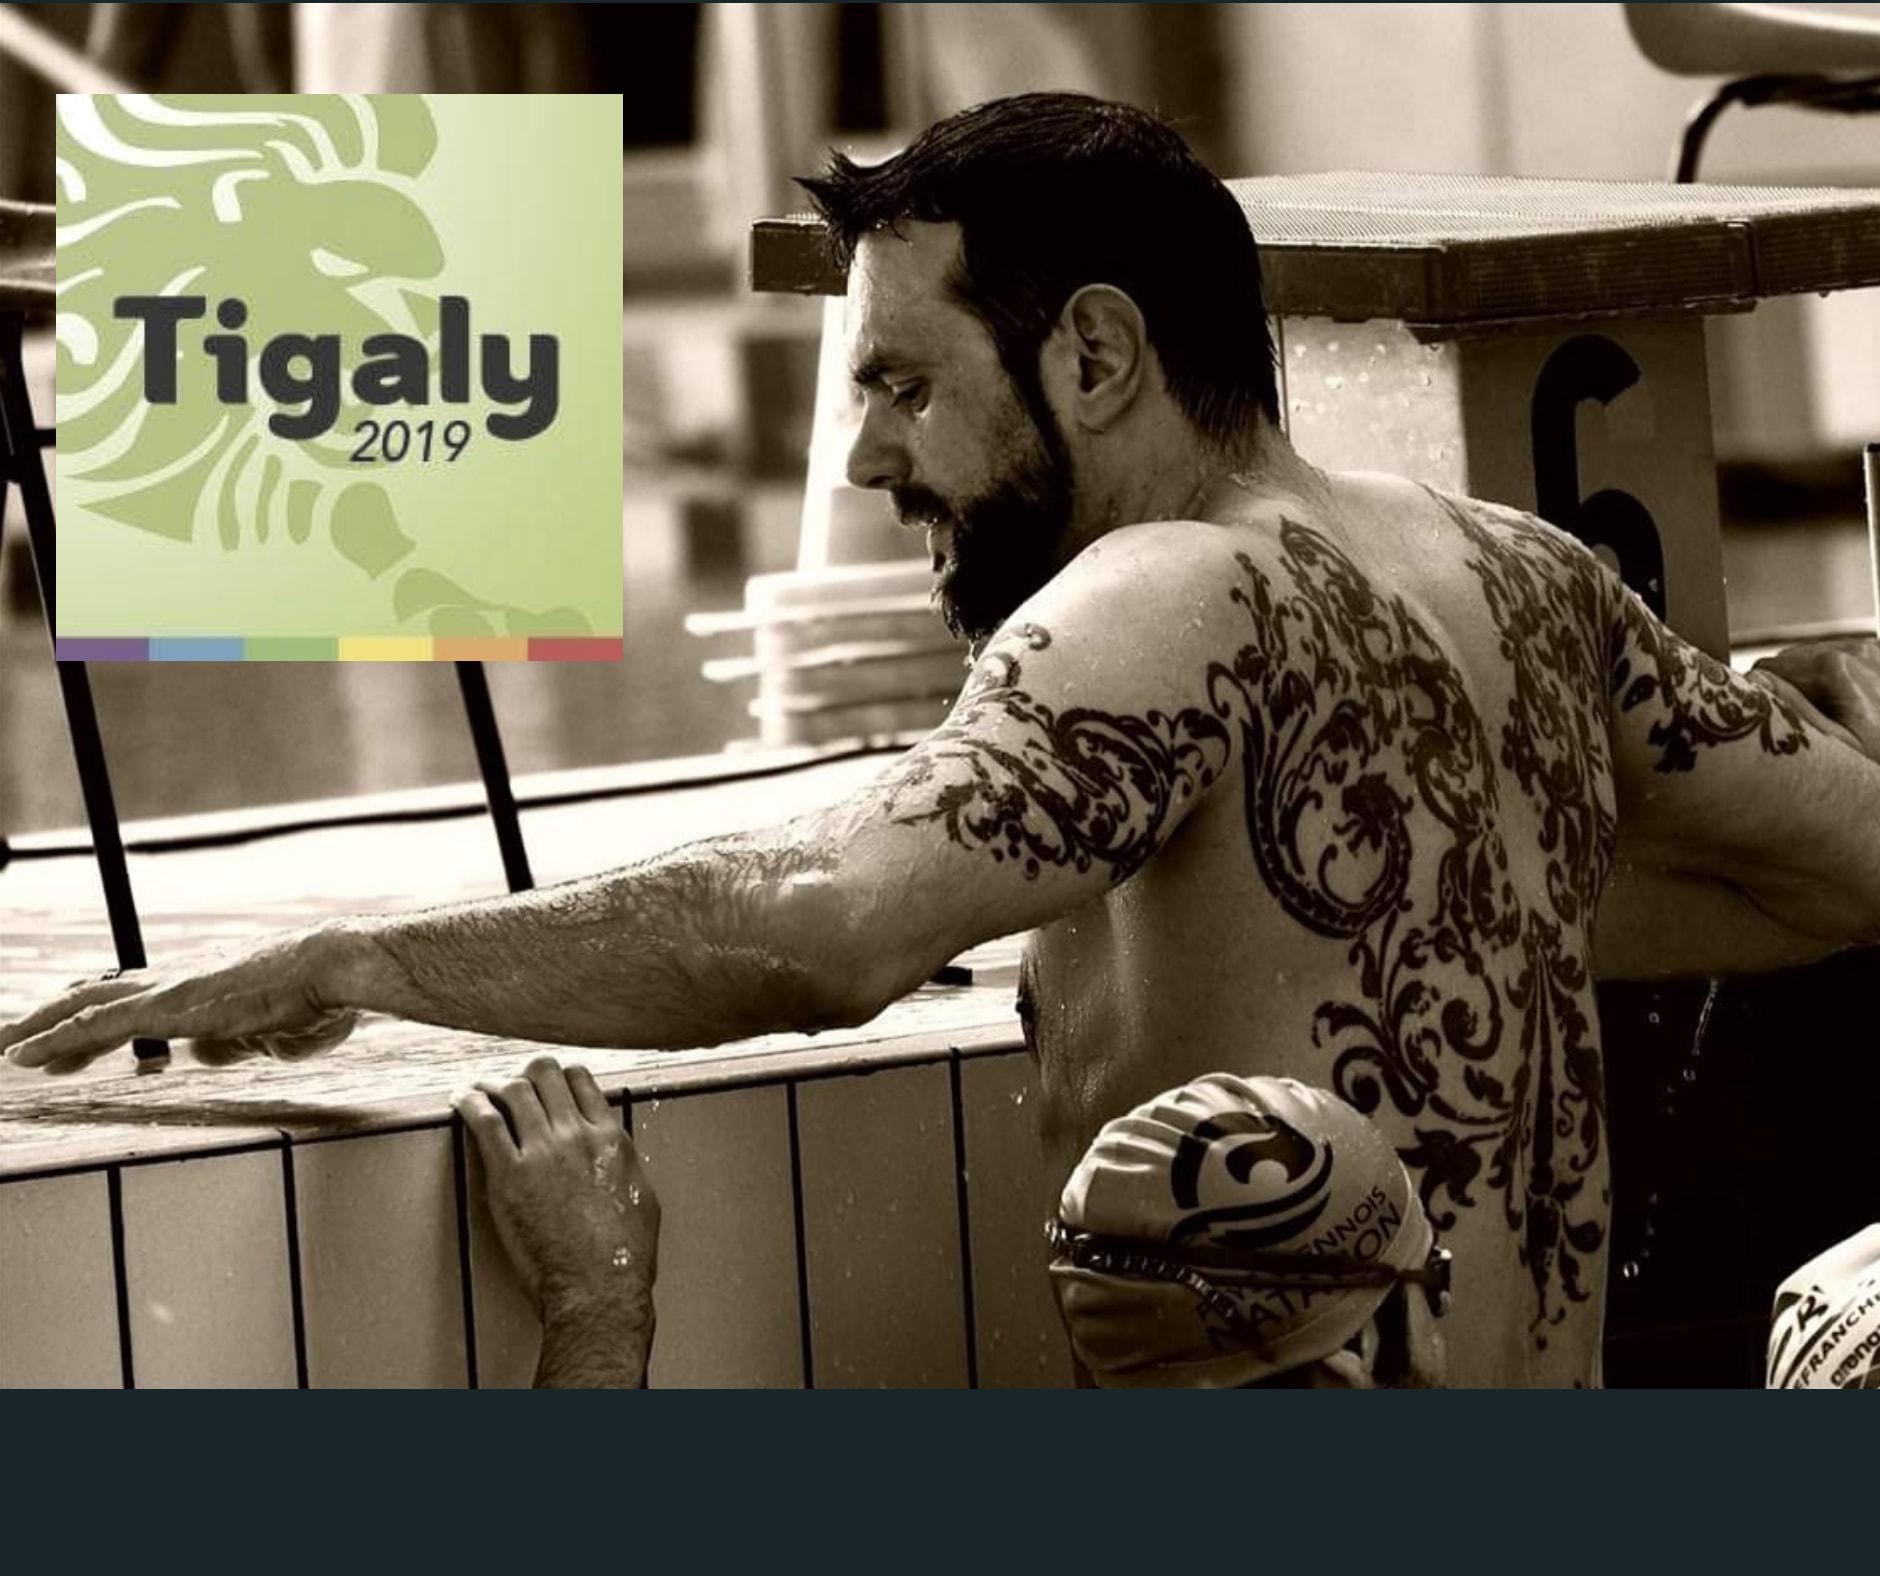 Mr Otter à Tigaly, Dimanche 21 avril, Piscine de Vaise